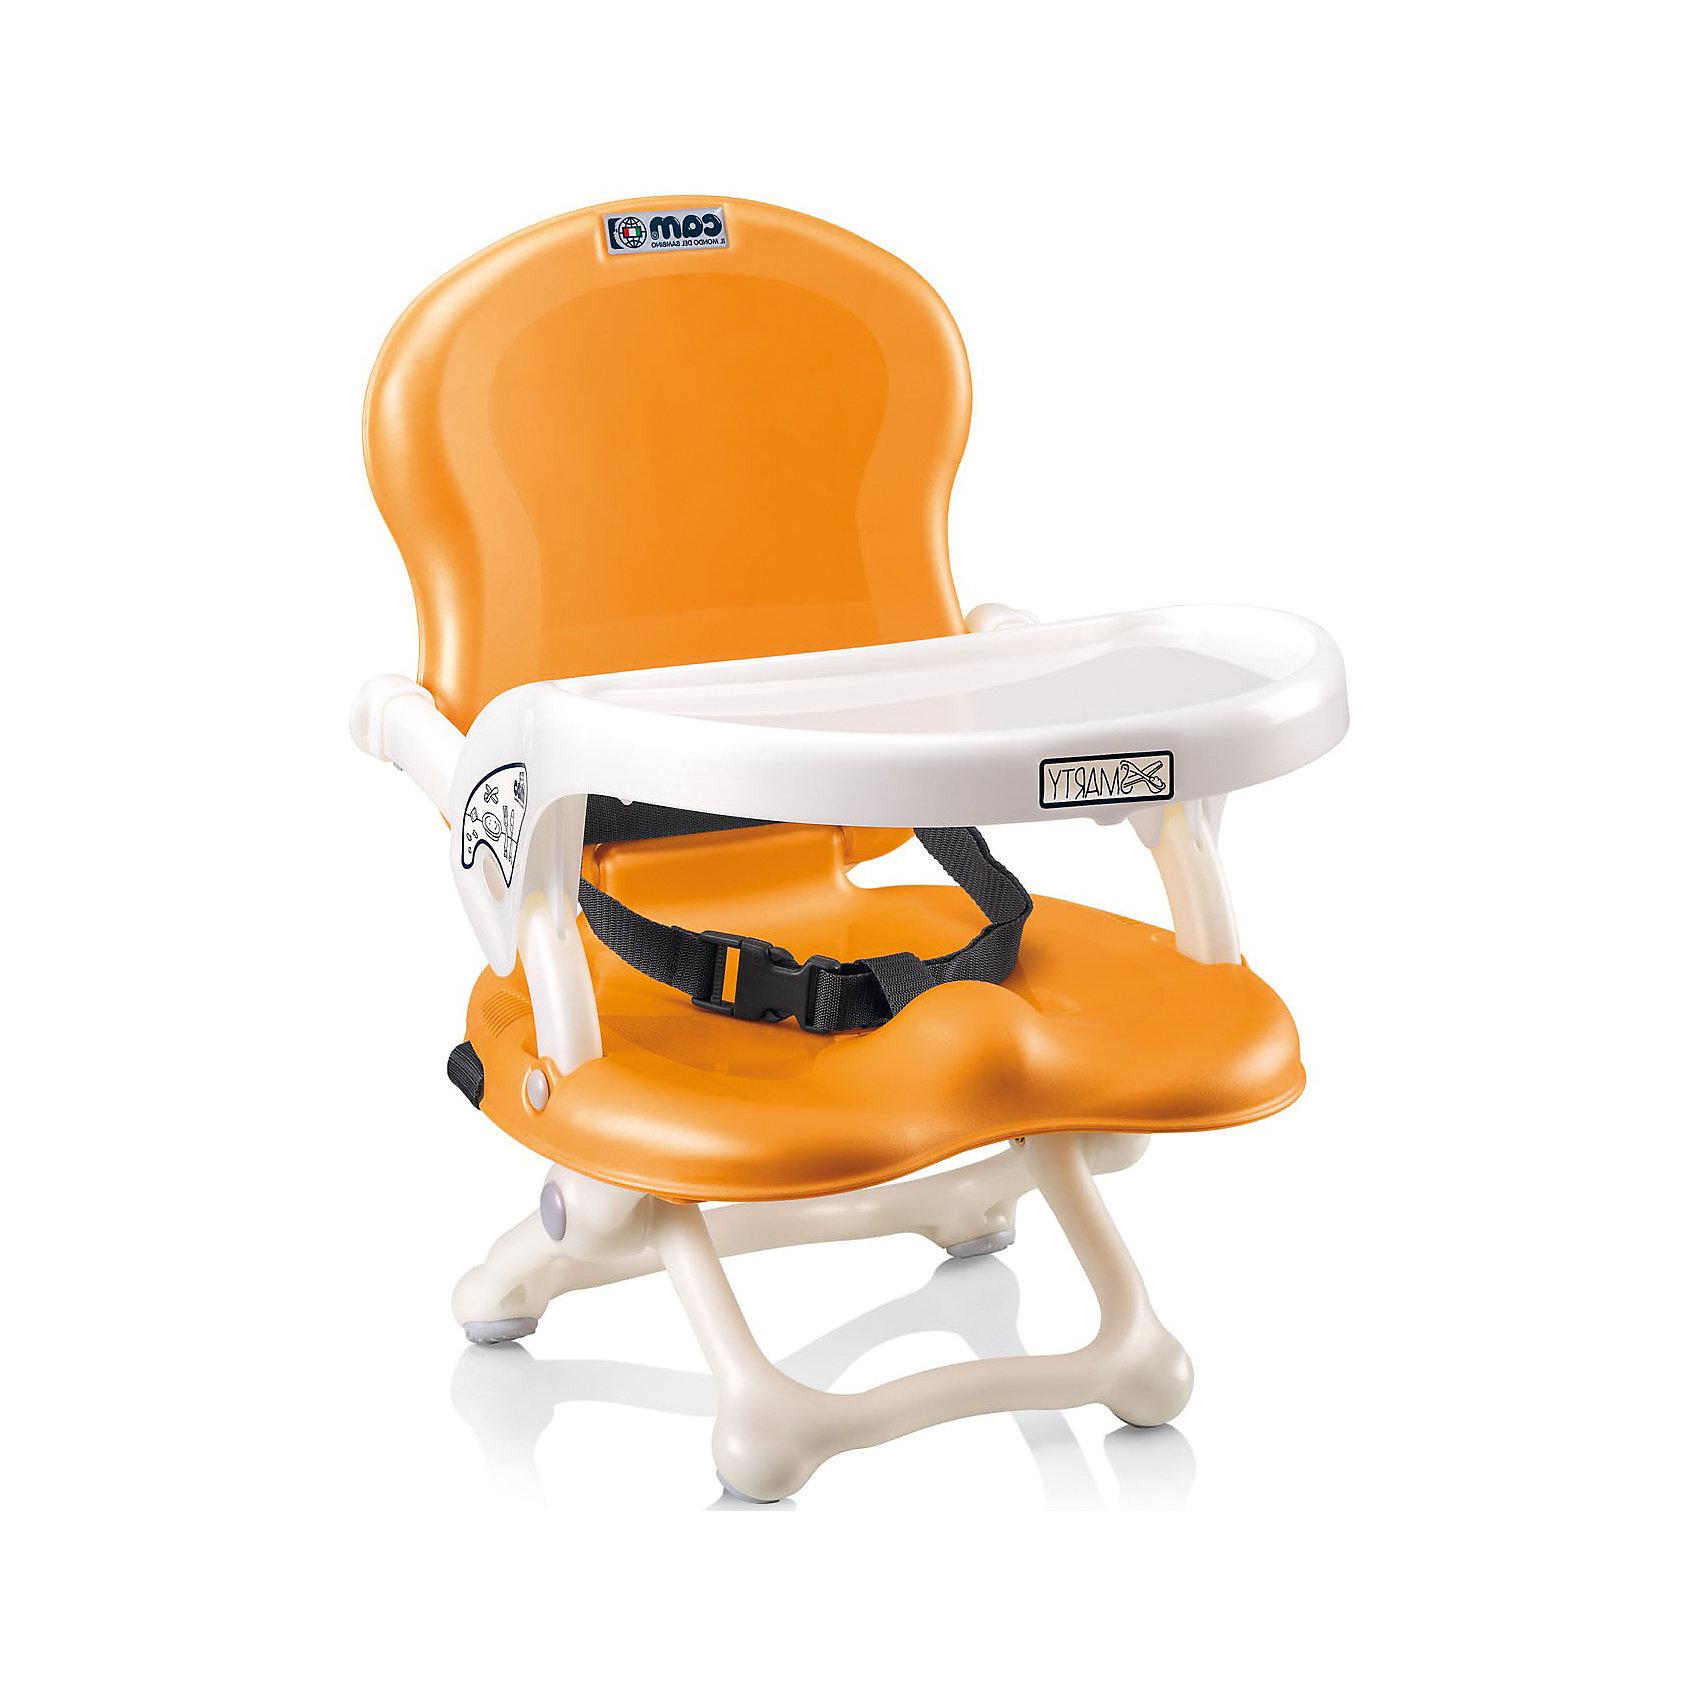 Стульчик для кормления Smarty Pop, CAM, оранжевыйот +6 месяцев<br>Стульчик для кормления Smarty Pop, CAM, оранжевый – компактная модель для дома и дачи.<br>Тип стульчика – бустер. Он крепится к обычной мебели и может быть отрегулирован с помощью 4 уровней высоты сидения. Мягкое сидение и подлокотники делают сиденье комфортным для ребенка, а ремни безопасности защищают малыша от падения и не дают ему выбраться самостоятельно. <br><br> Дополнительная информация:<br><br>- цвет: оранжевый<br>- размер: 35х41х50 см<br>- вес: 1,7<br><br>Стульчик для кормления Smarty Pop, CAM, оранжевый можно купить в нашем интернет магазине.<br><br>Ширина мм: 600<br>Глубина мм: 435<br>Высота мм: 377<br>Вес г: 2000<br>Возраст от месяцев: 6<br>Возраст до месяцев: 36<br>Пол: Унисекс<br>Возраст: Детский<br>SKU: 5013520